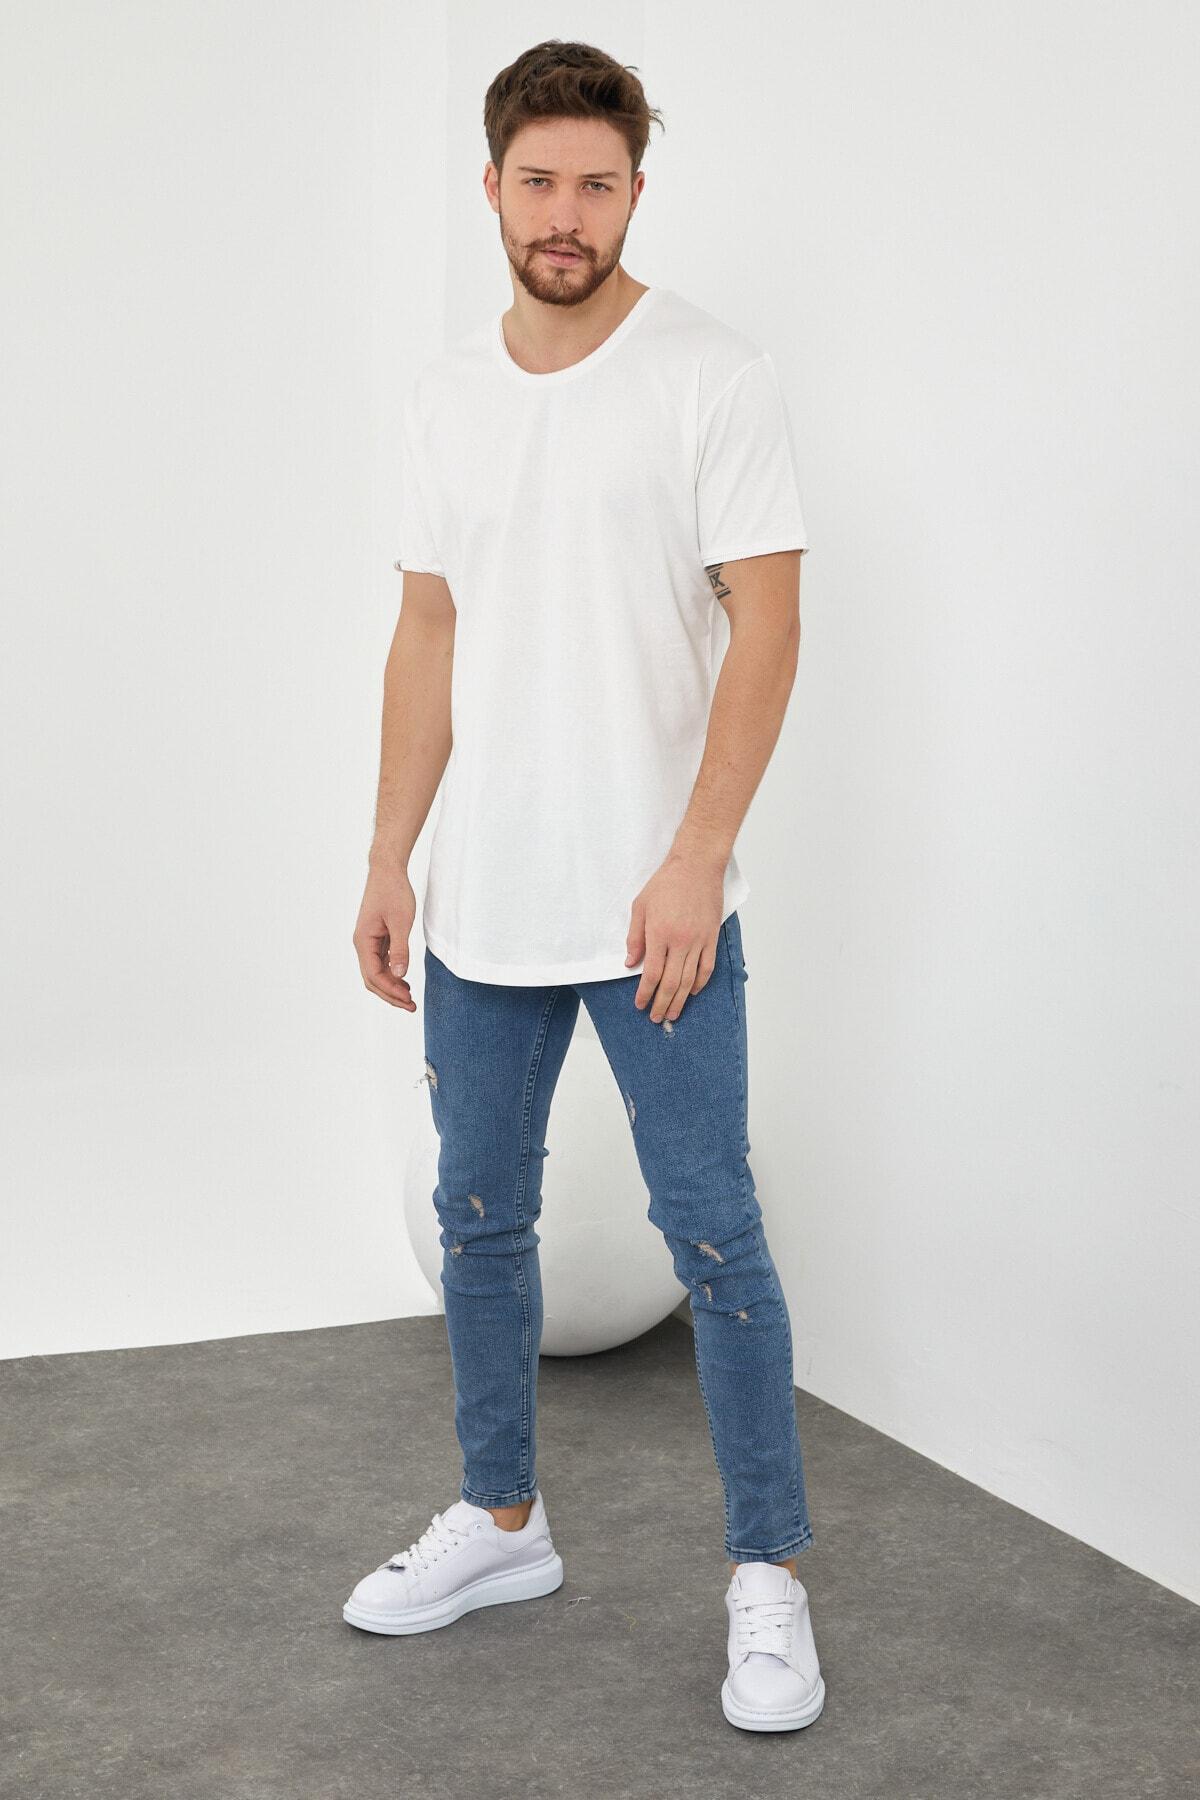 Tarz Cool Erkek Kırık Beyaz Pis Yaka Salaş T-shirt-tcps001r56s 2